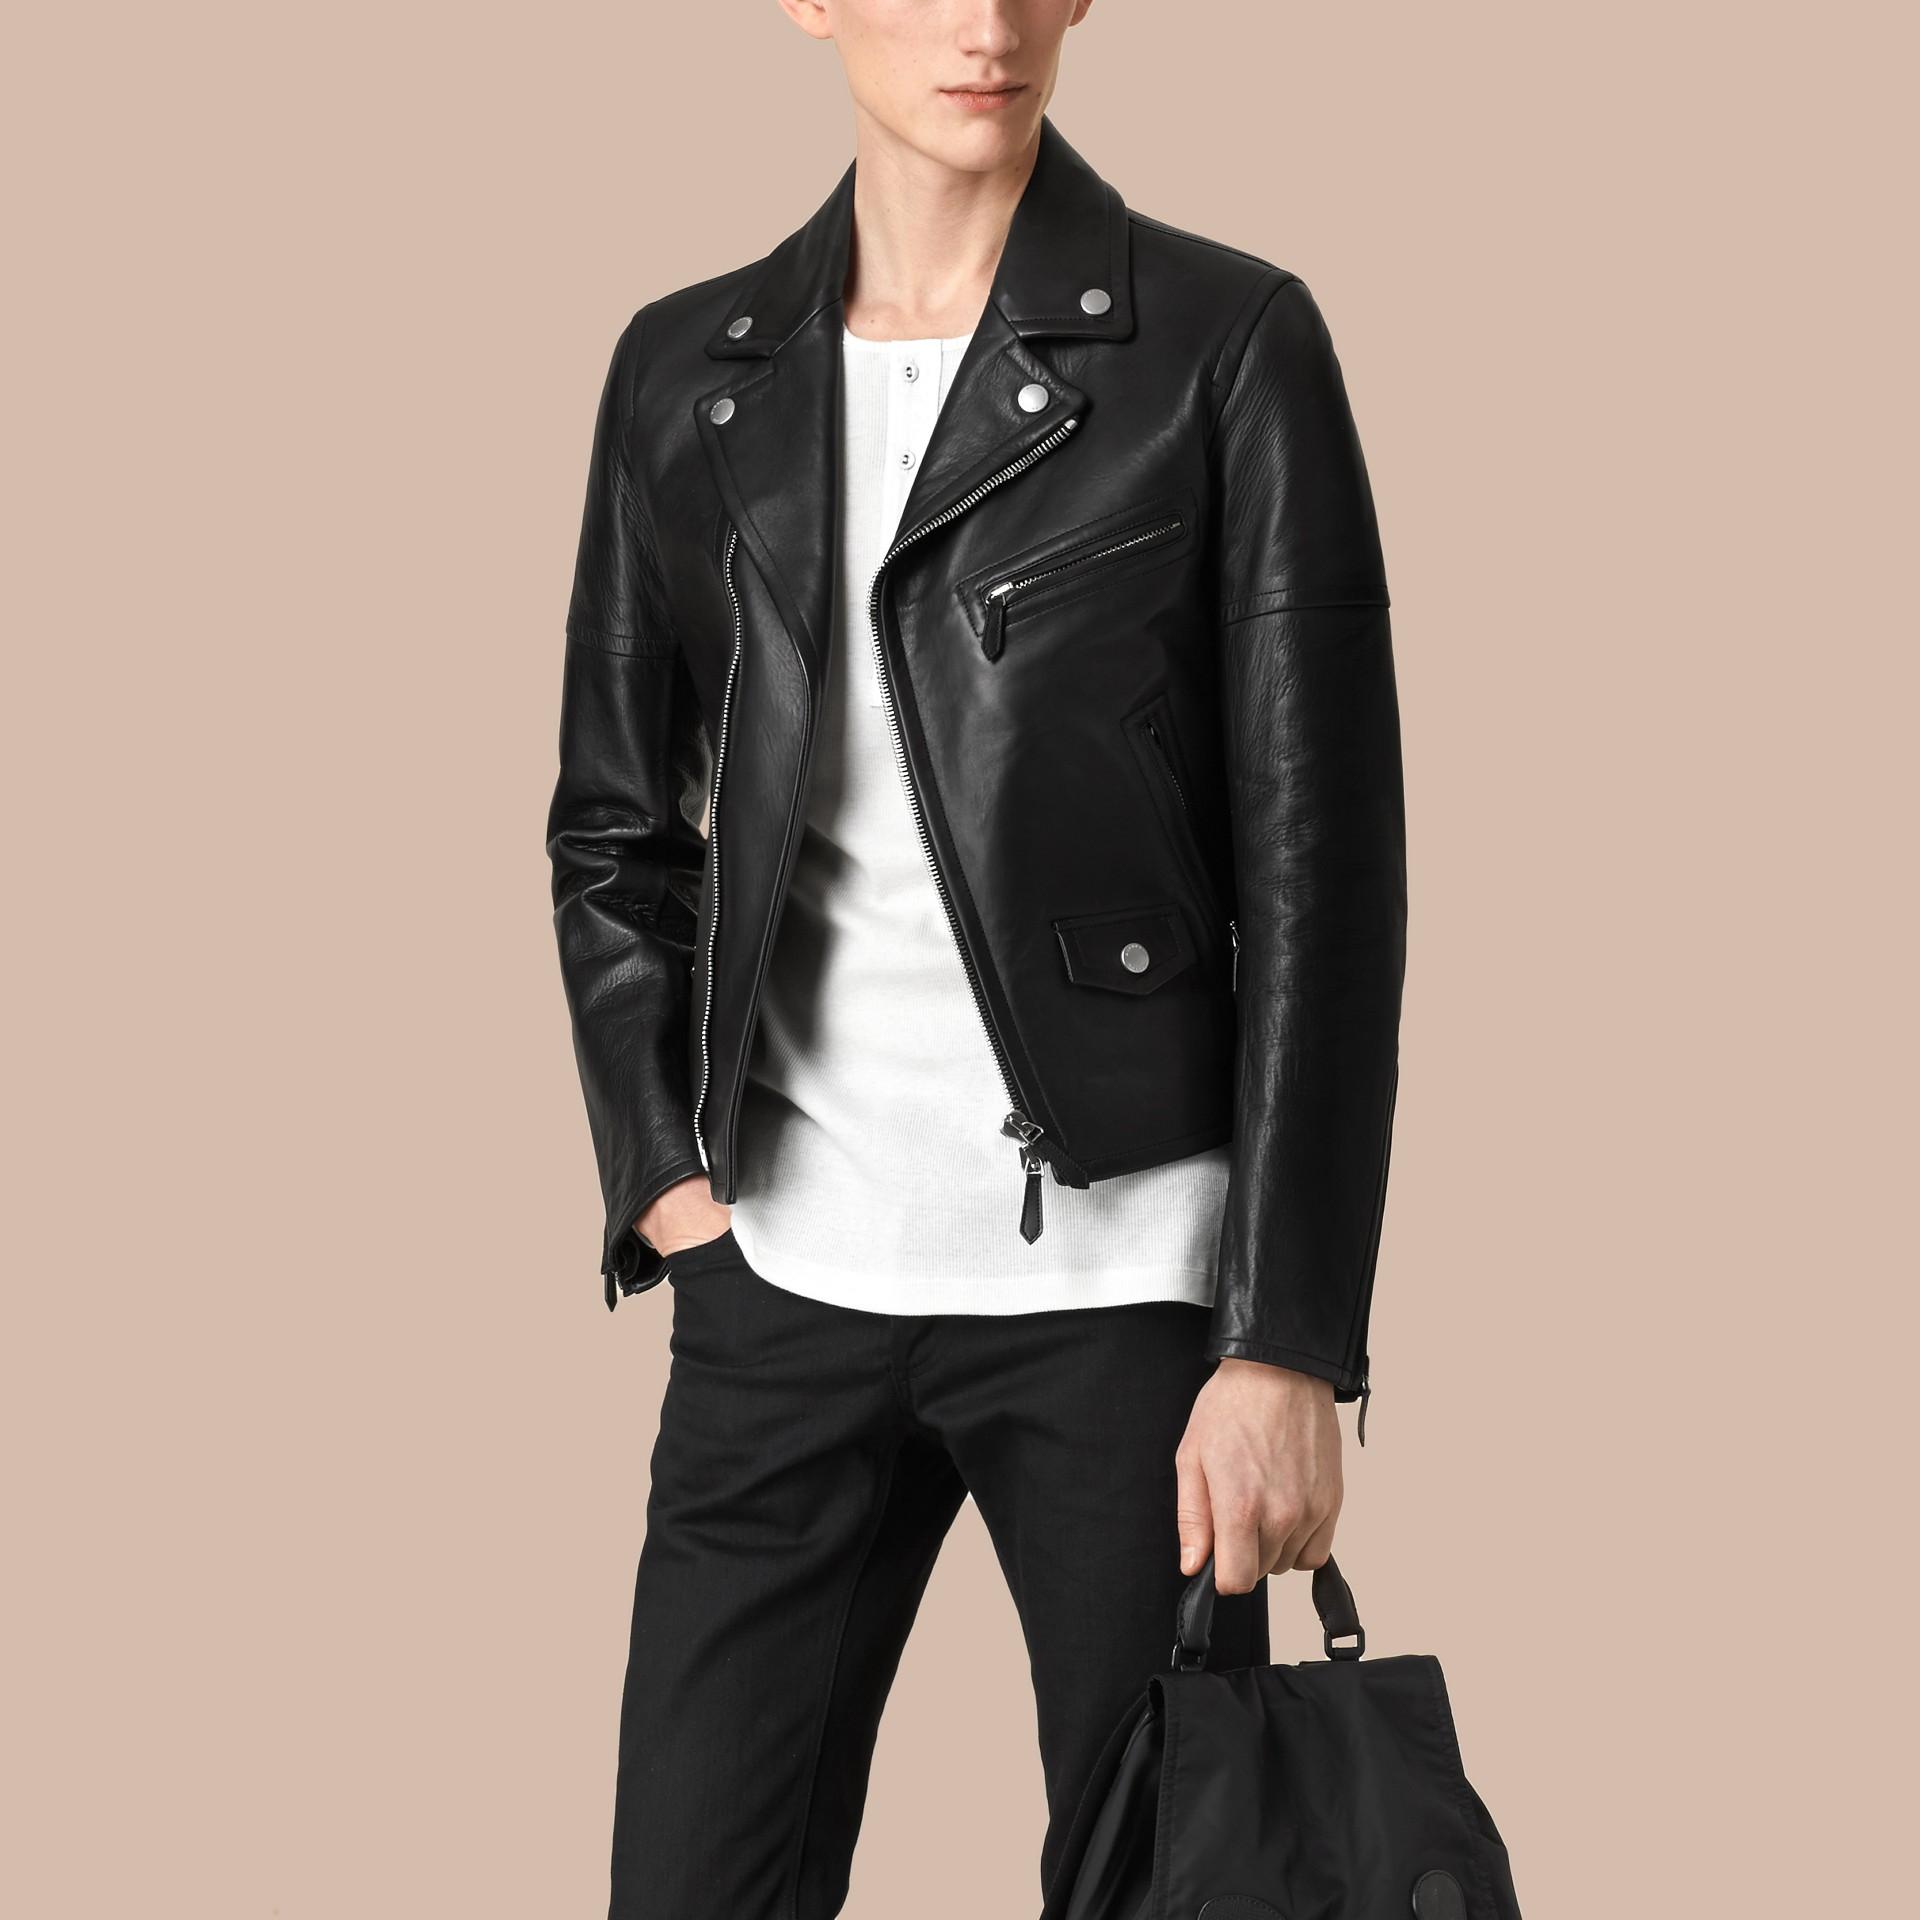 가죽 바이커 재킷 (블랙) - 남성 | Burberry - 갤러리 이미지 1